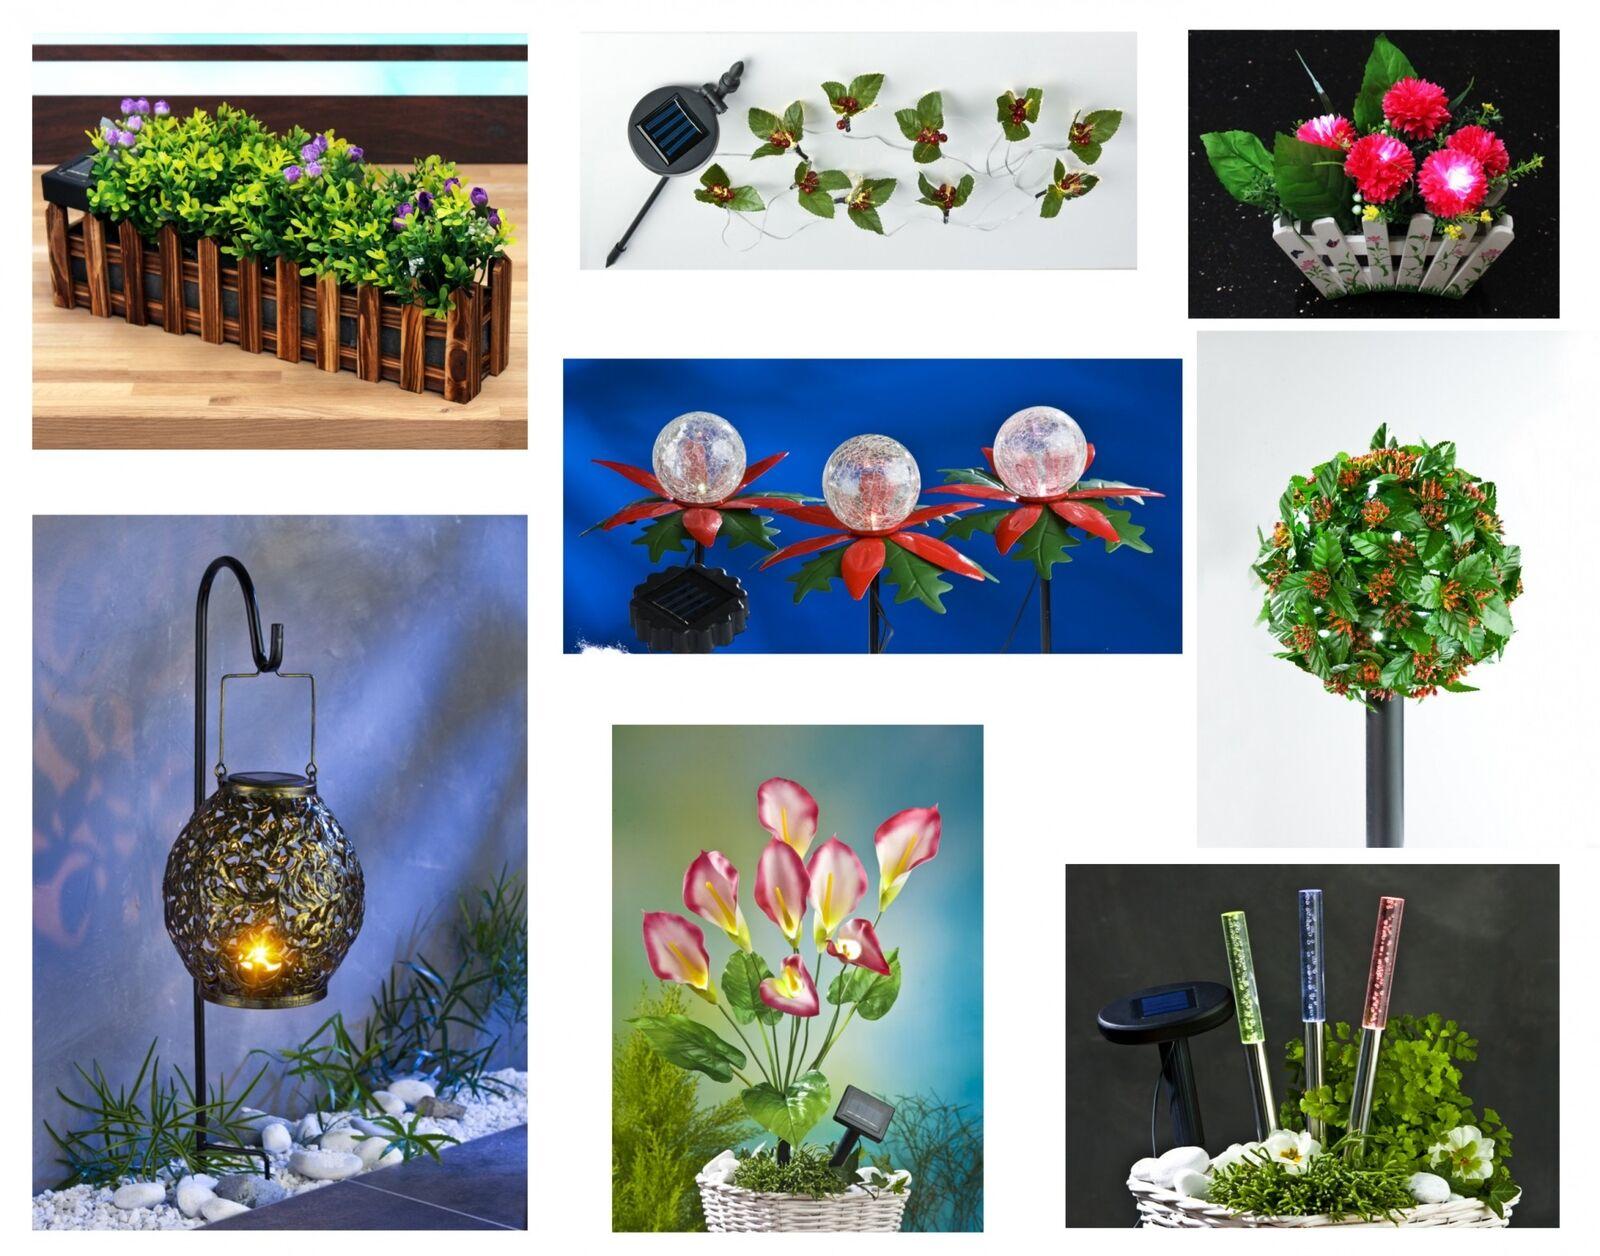 LED Solar Gartendeko Blumenkasten Laterne Solarleuchte Lichterkette Kunstpflanze